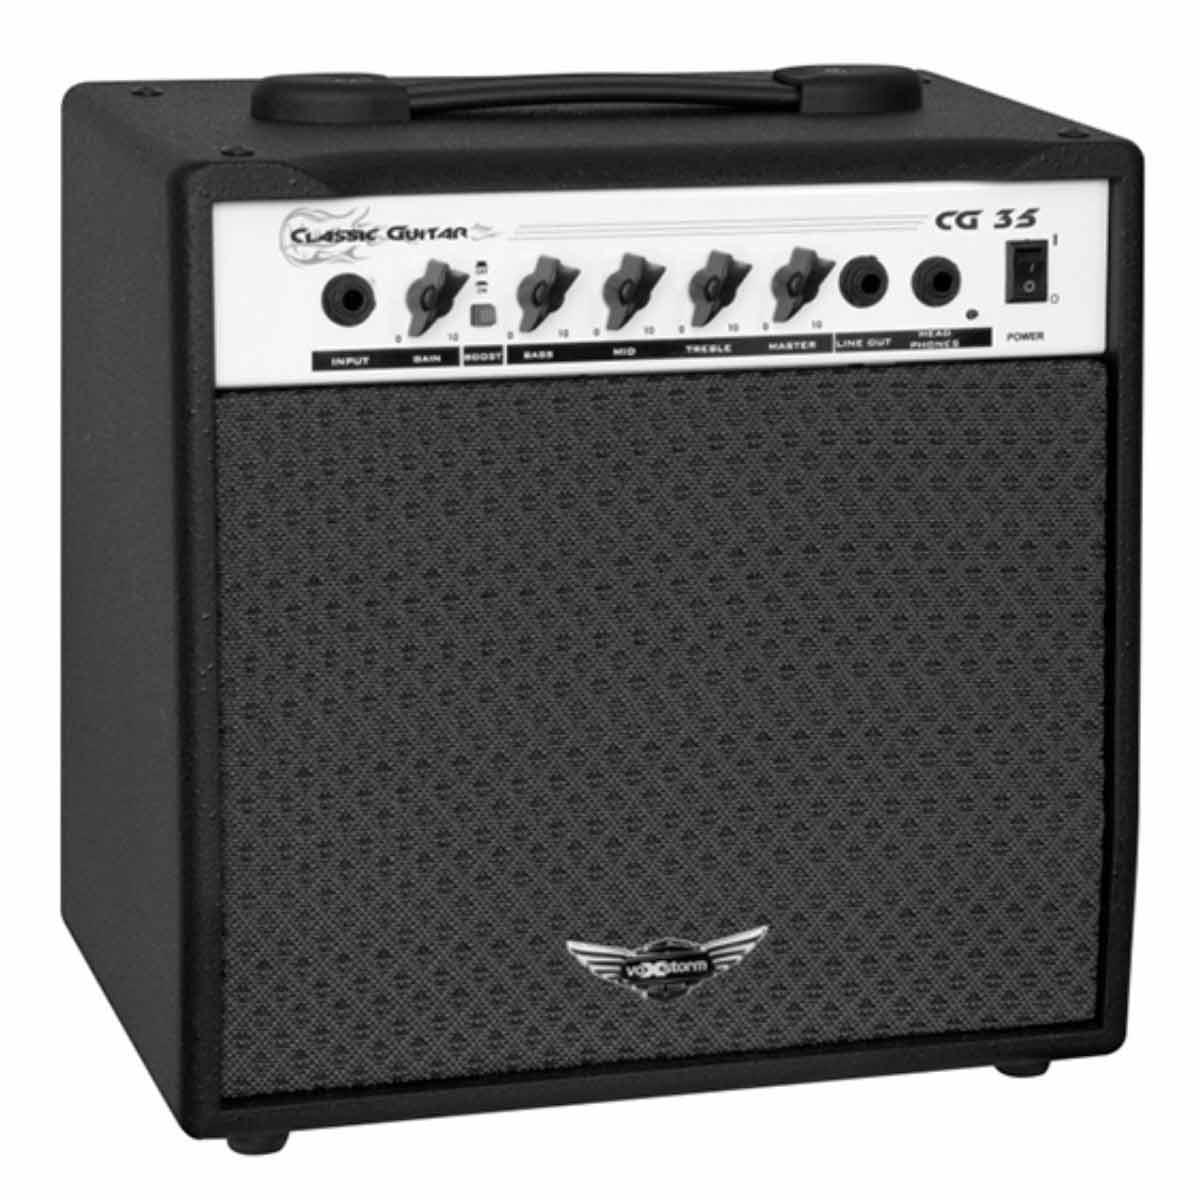 CG35 - Amplificador Combo p/ Guitarra 20W Classic Guitar CG 35 Preto - Voxstorm